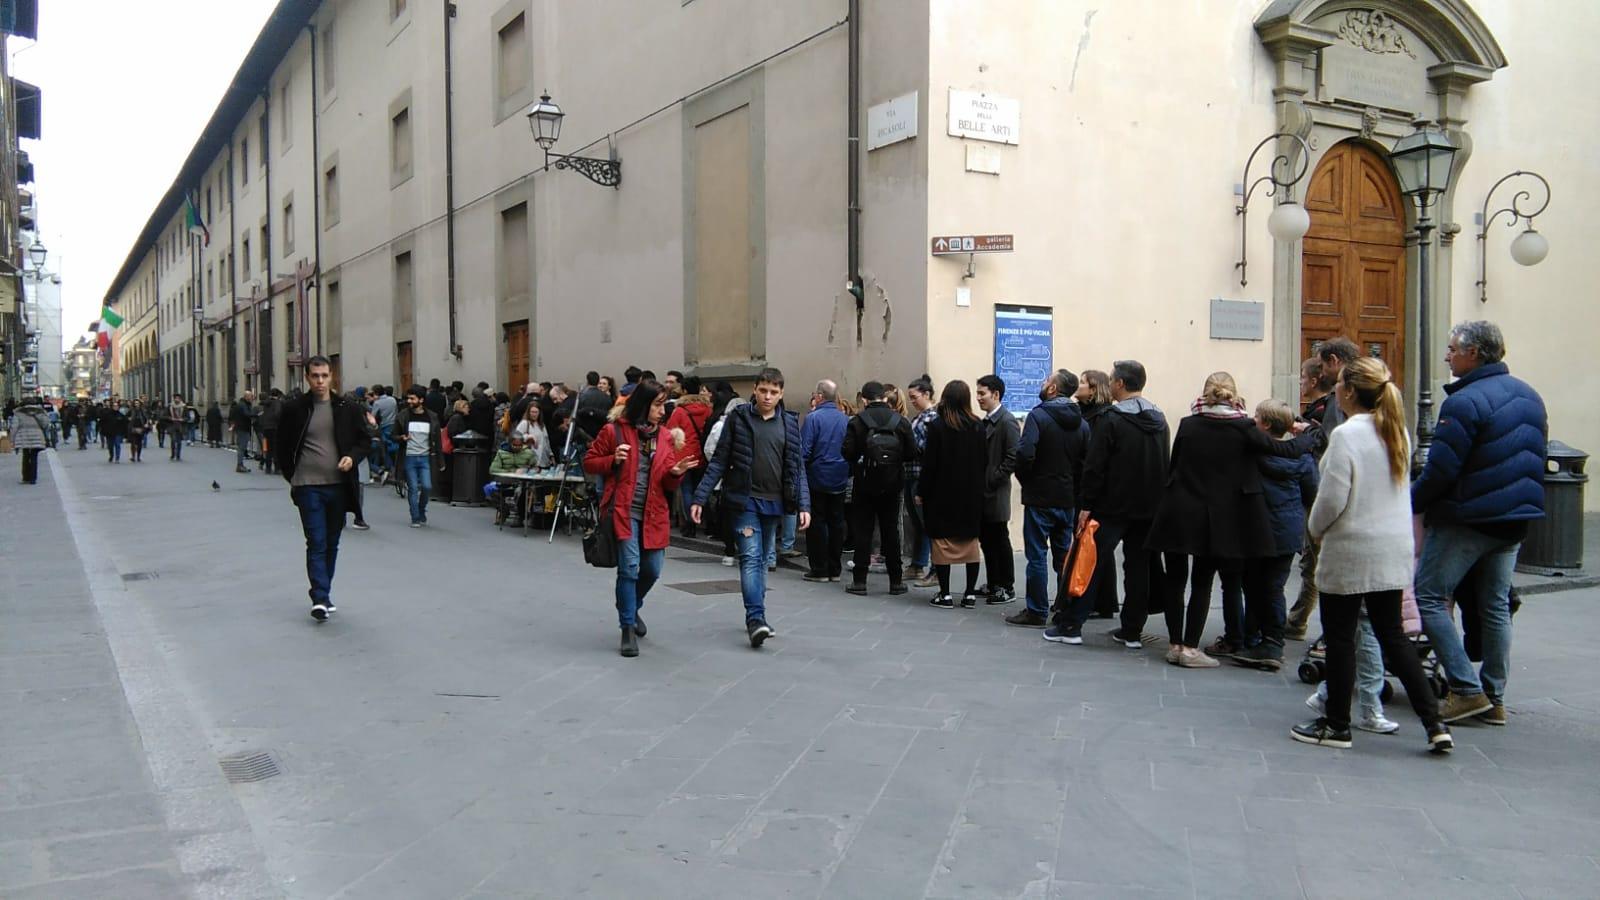 La coda per entrare alla Galleria dell'Accademia di Firenze durante la Settimana dei Musei, giovedì 7 marzo nel primo pomeriggio. Ph. Credit Finestre sull'Arte